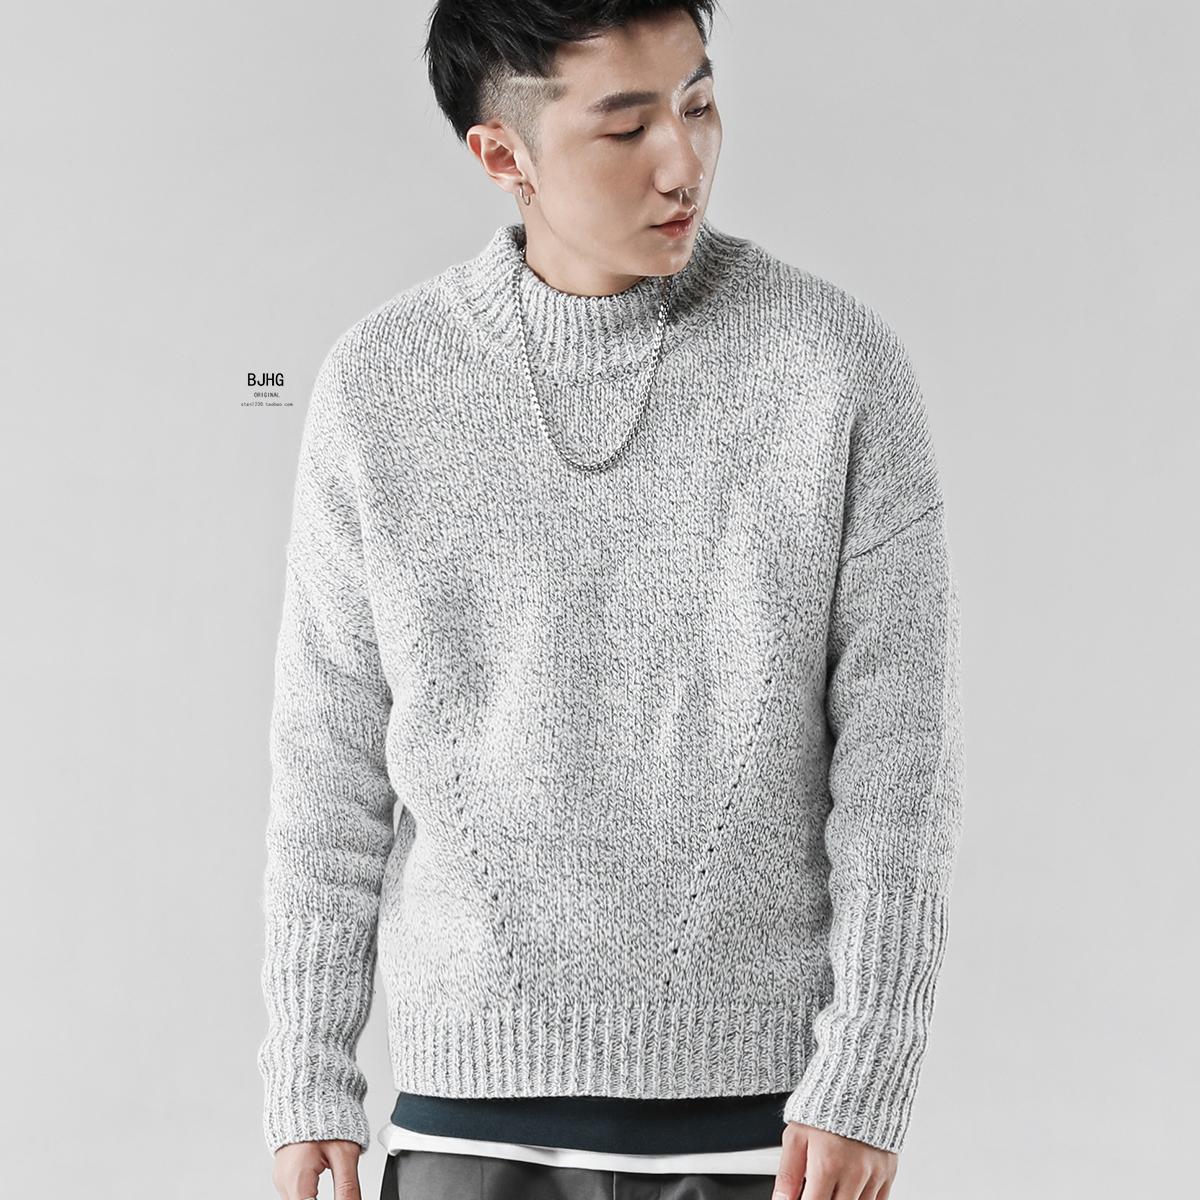 2018秋冬流行的型男毛衣,如何穿出时尚feel?  秋11月 第25张